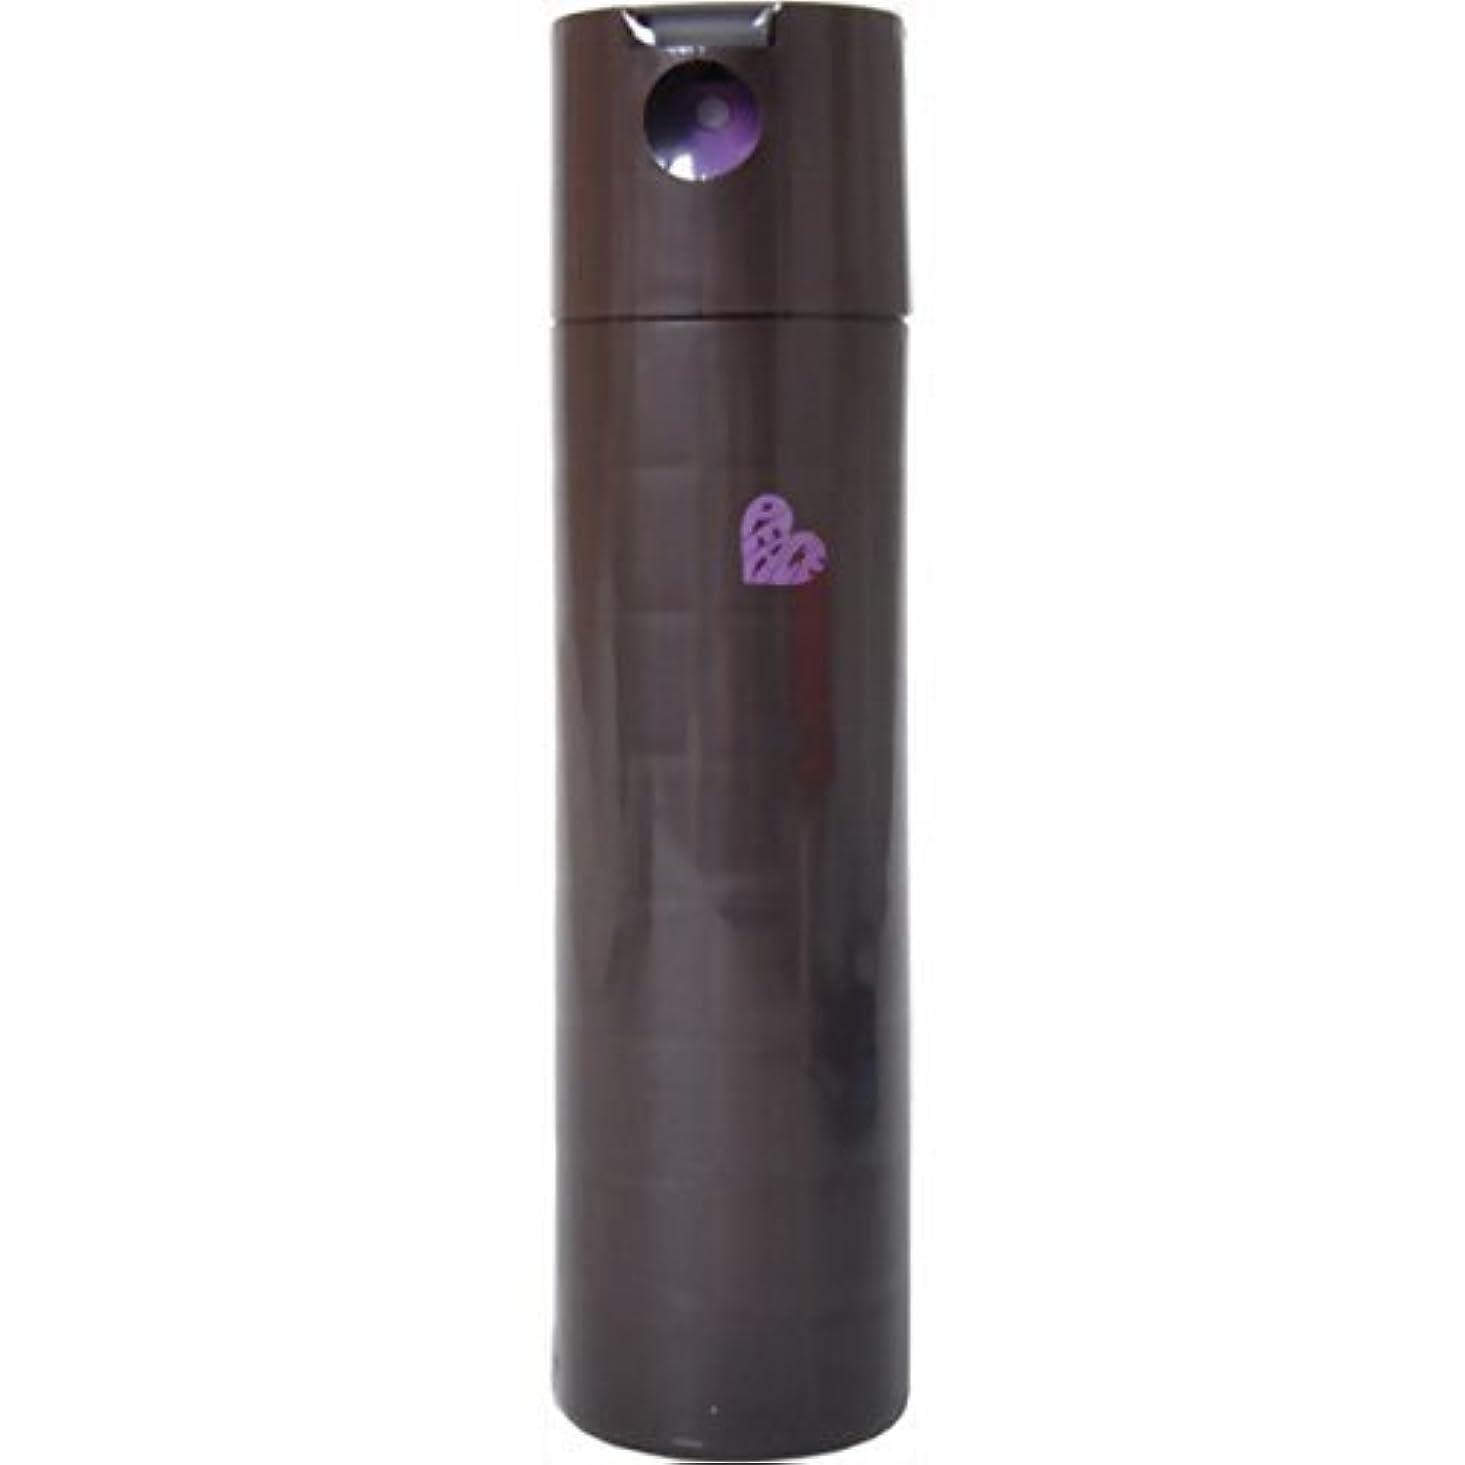 リスナーわかりやすいウォルターカニンガムアリミノ ピース カールspray チョコ 138g(200ml) スプレーライン ARIMINO PEACE